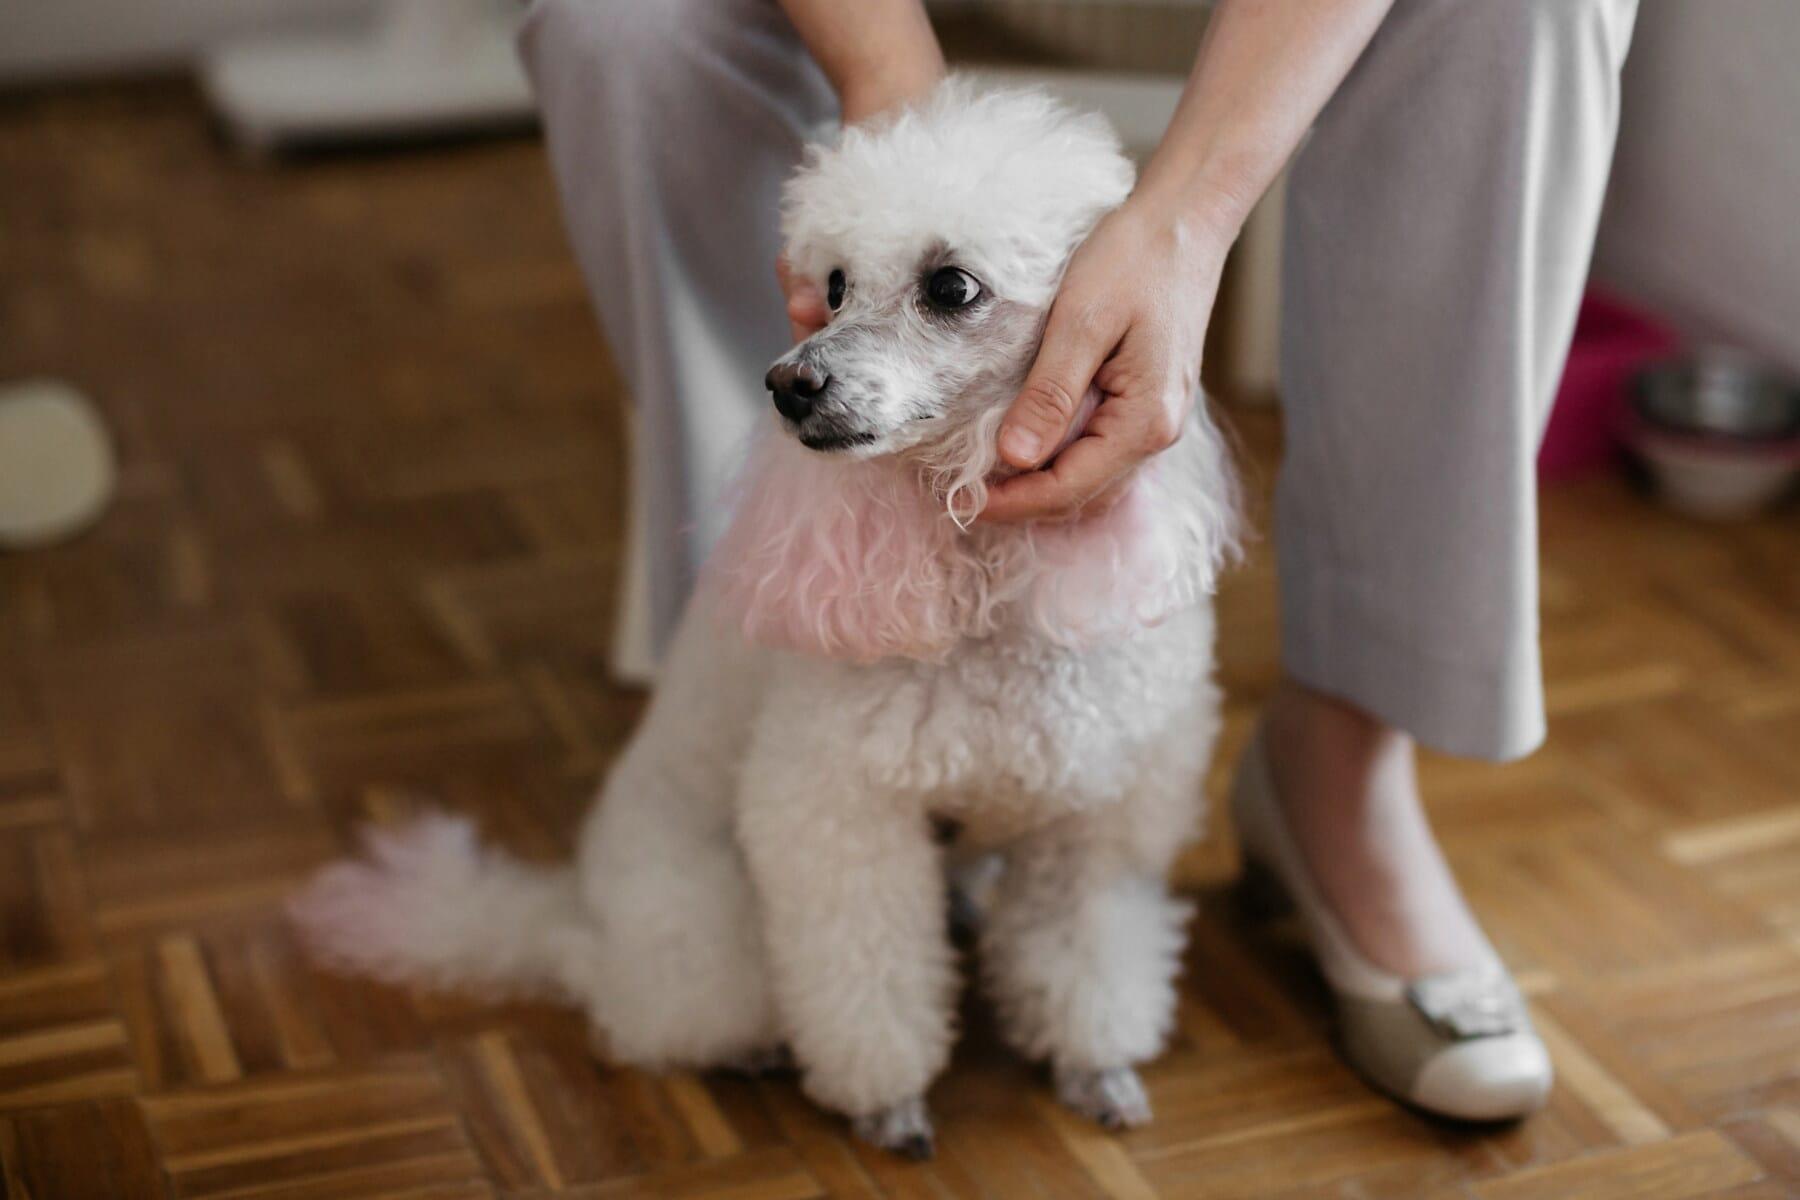 blanc, adorable, de race, animal de compagnie, chien, femme, mains, pedigree, canine, chiot